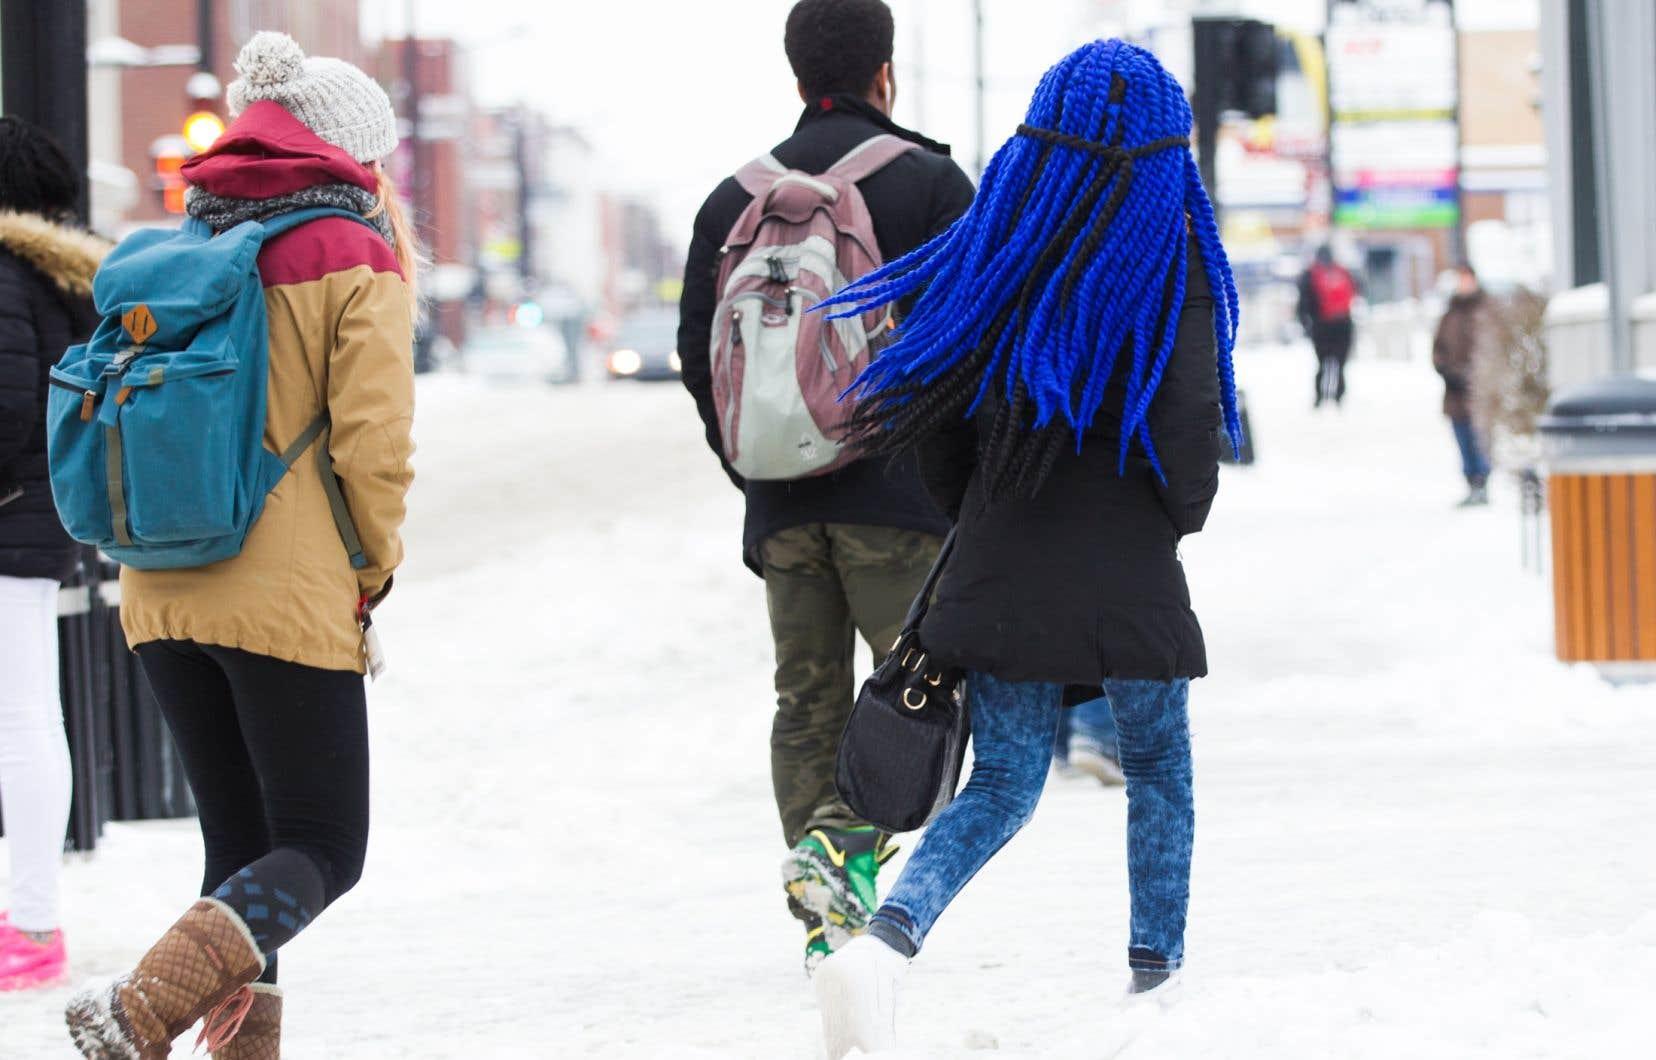 <p>Les adolescents et les jeunes adultes avaient le sentiment que leur entourage était plus vulnérable au coronavirus, et le sentiment de devoir agir pour protéger la société était vraiment fondamental chez eux, selon l'étude.</p>